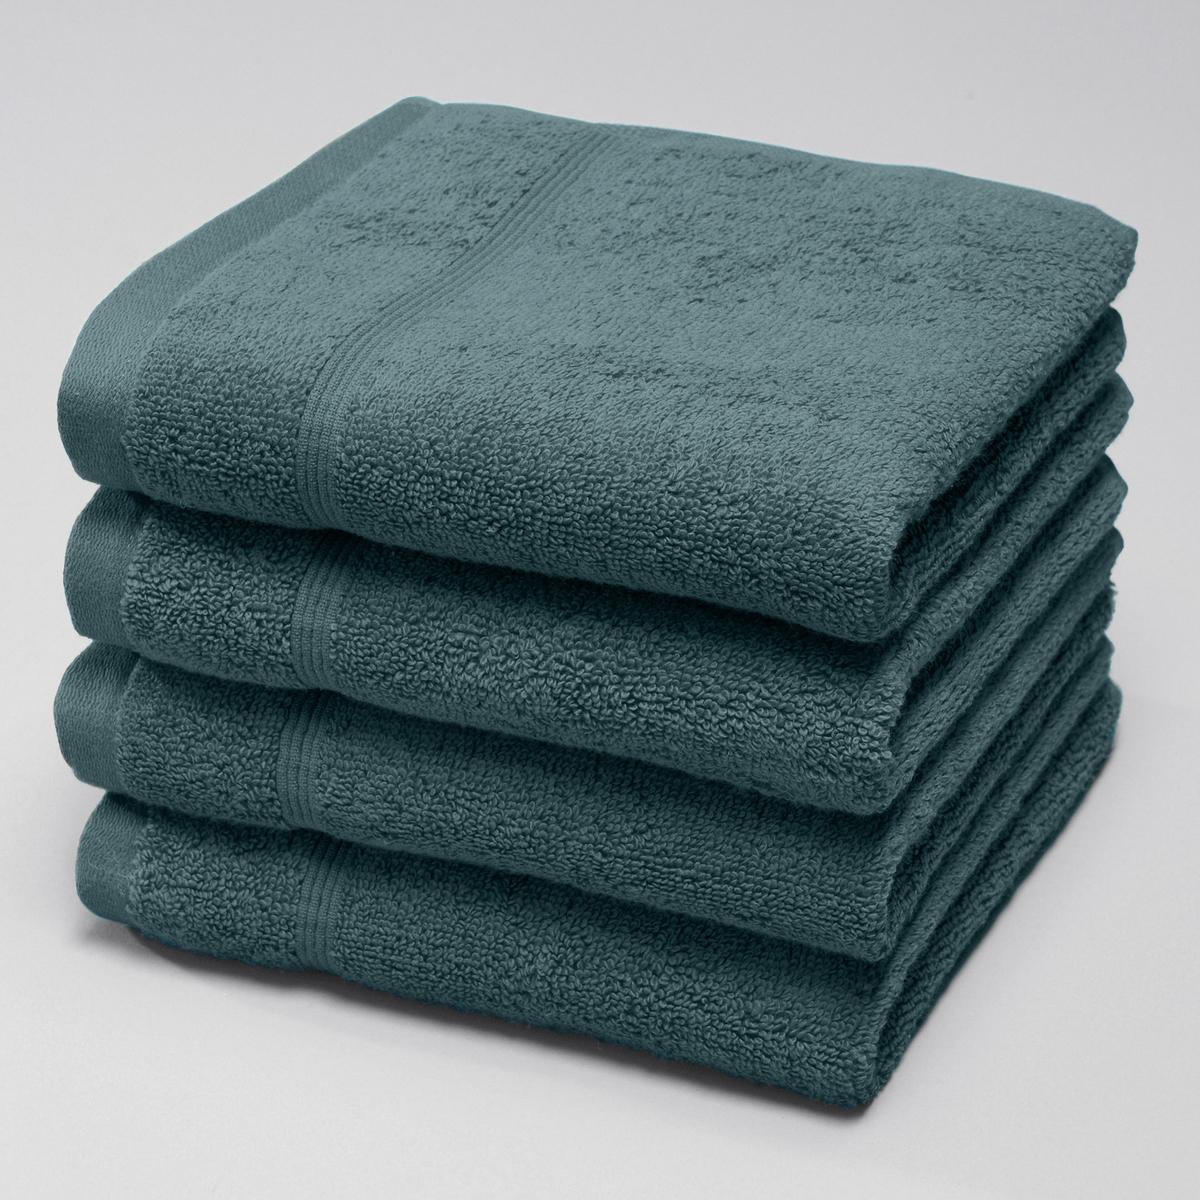 Полотенце гостевое,  600 г/м? (комплект из 4 штук), Качество BestПростая в уходе ткань, не требующая глажки .Характеристики :Качество BEST.Махровая ткань 100 % хлопка .Машинная стирка при 60°.Размеры:40 x 40 см.<br><br>Цвет: бежевый,белый,гранатовый,зелено-синий,розовая пудра,светло-серый,сине-зеленый,синий морской,темно-серый,фиолетовый,шафран<br>Размер: 40 x 40  см.40 x 40  см.40 x 40  см.40 x 40  см.40 x 40  см.40 x 40  см.40 x 40  см.40 x 40  см